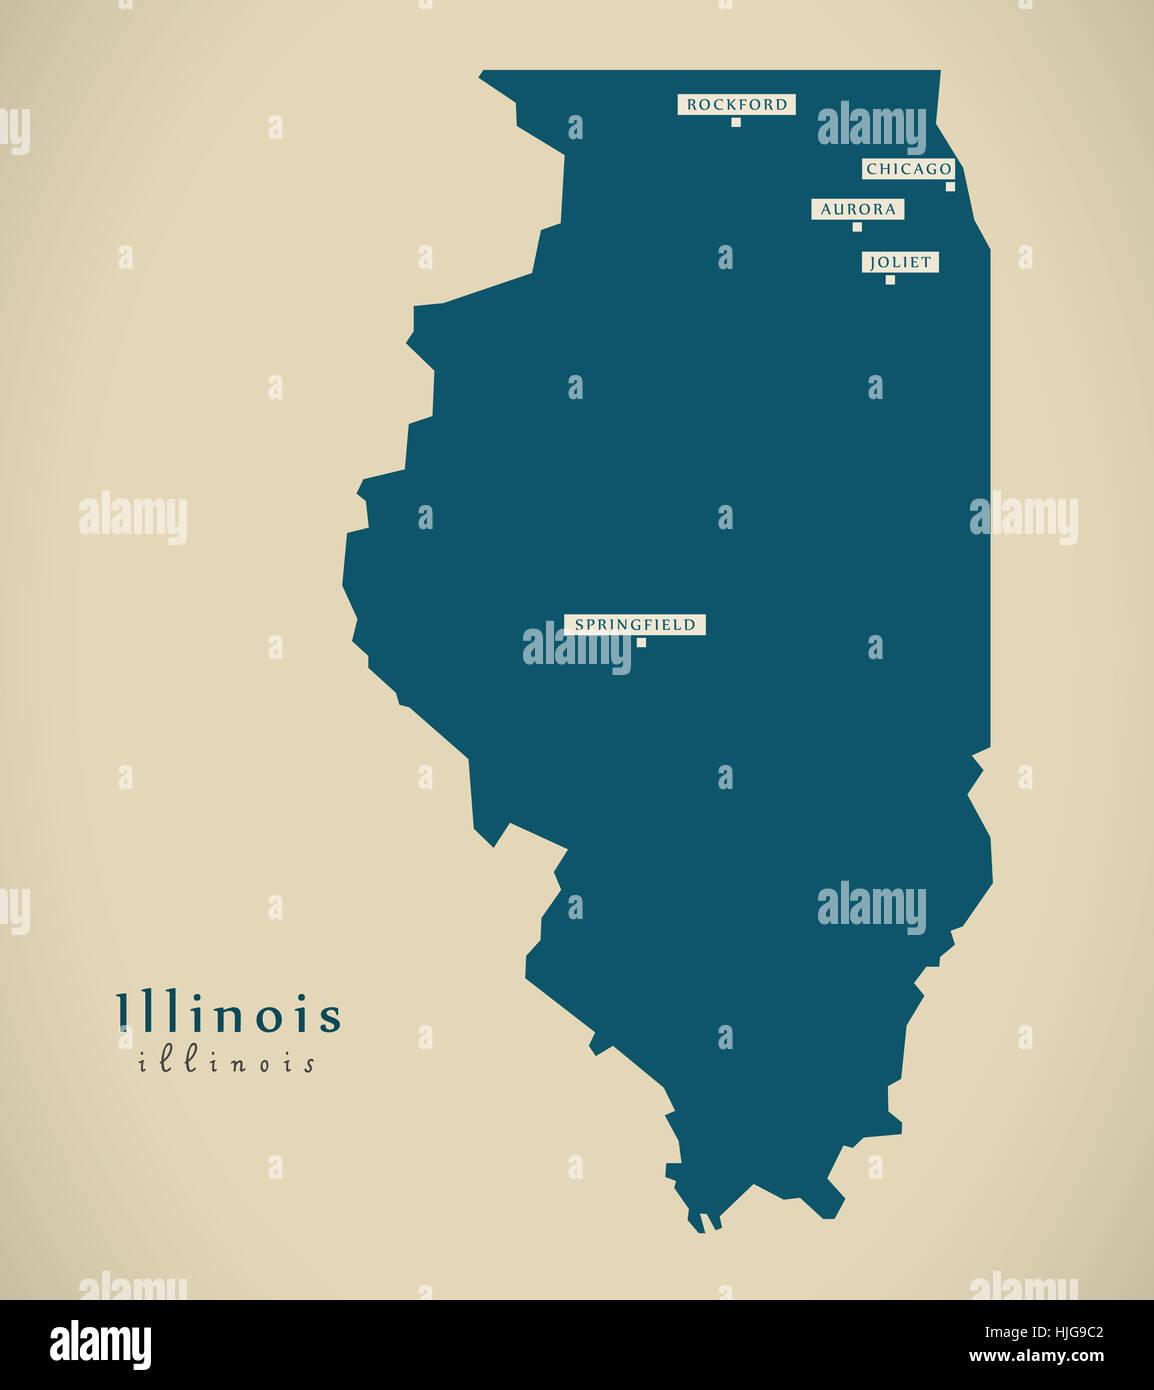 Illinois Location On The US Map Illinois Highway Map Illinois - Illinois in usa map